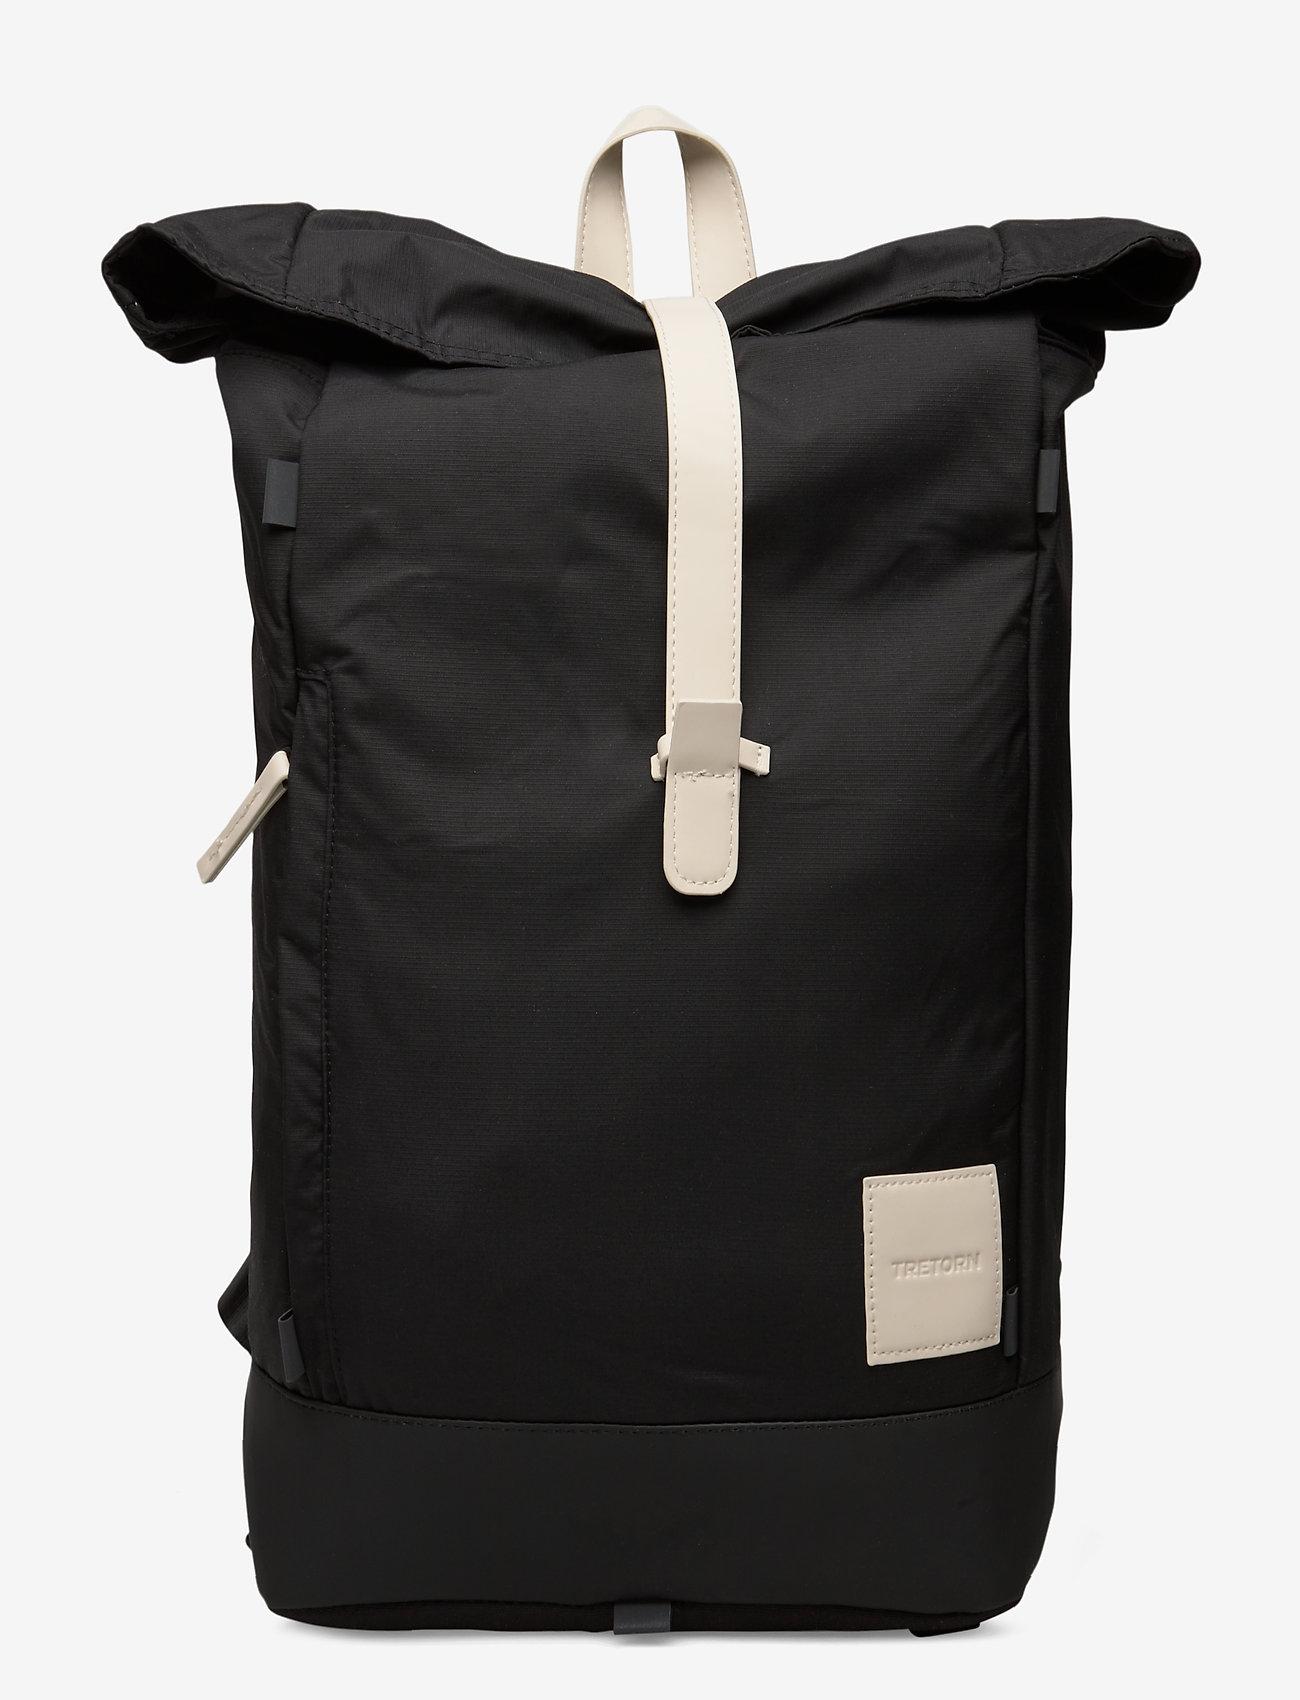 Tretorn - OCEAN NET ROLLTOP - väskor - 015/black/sand - 0